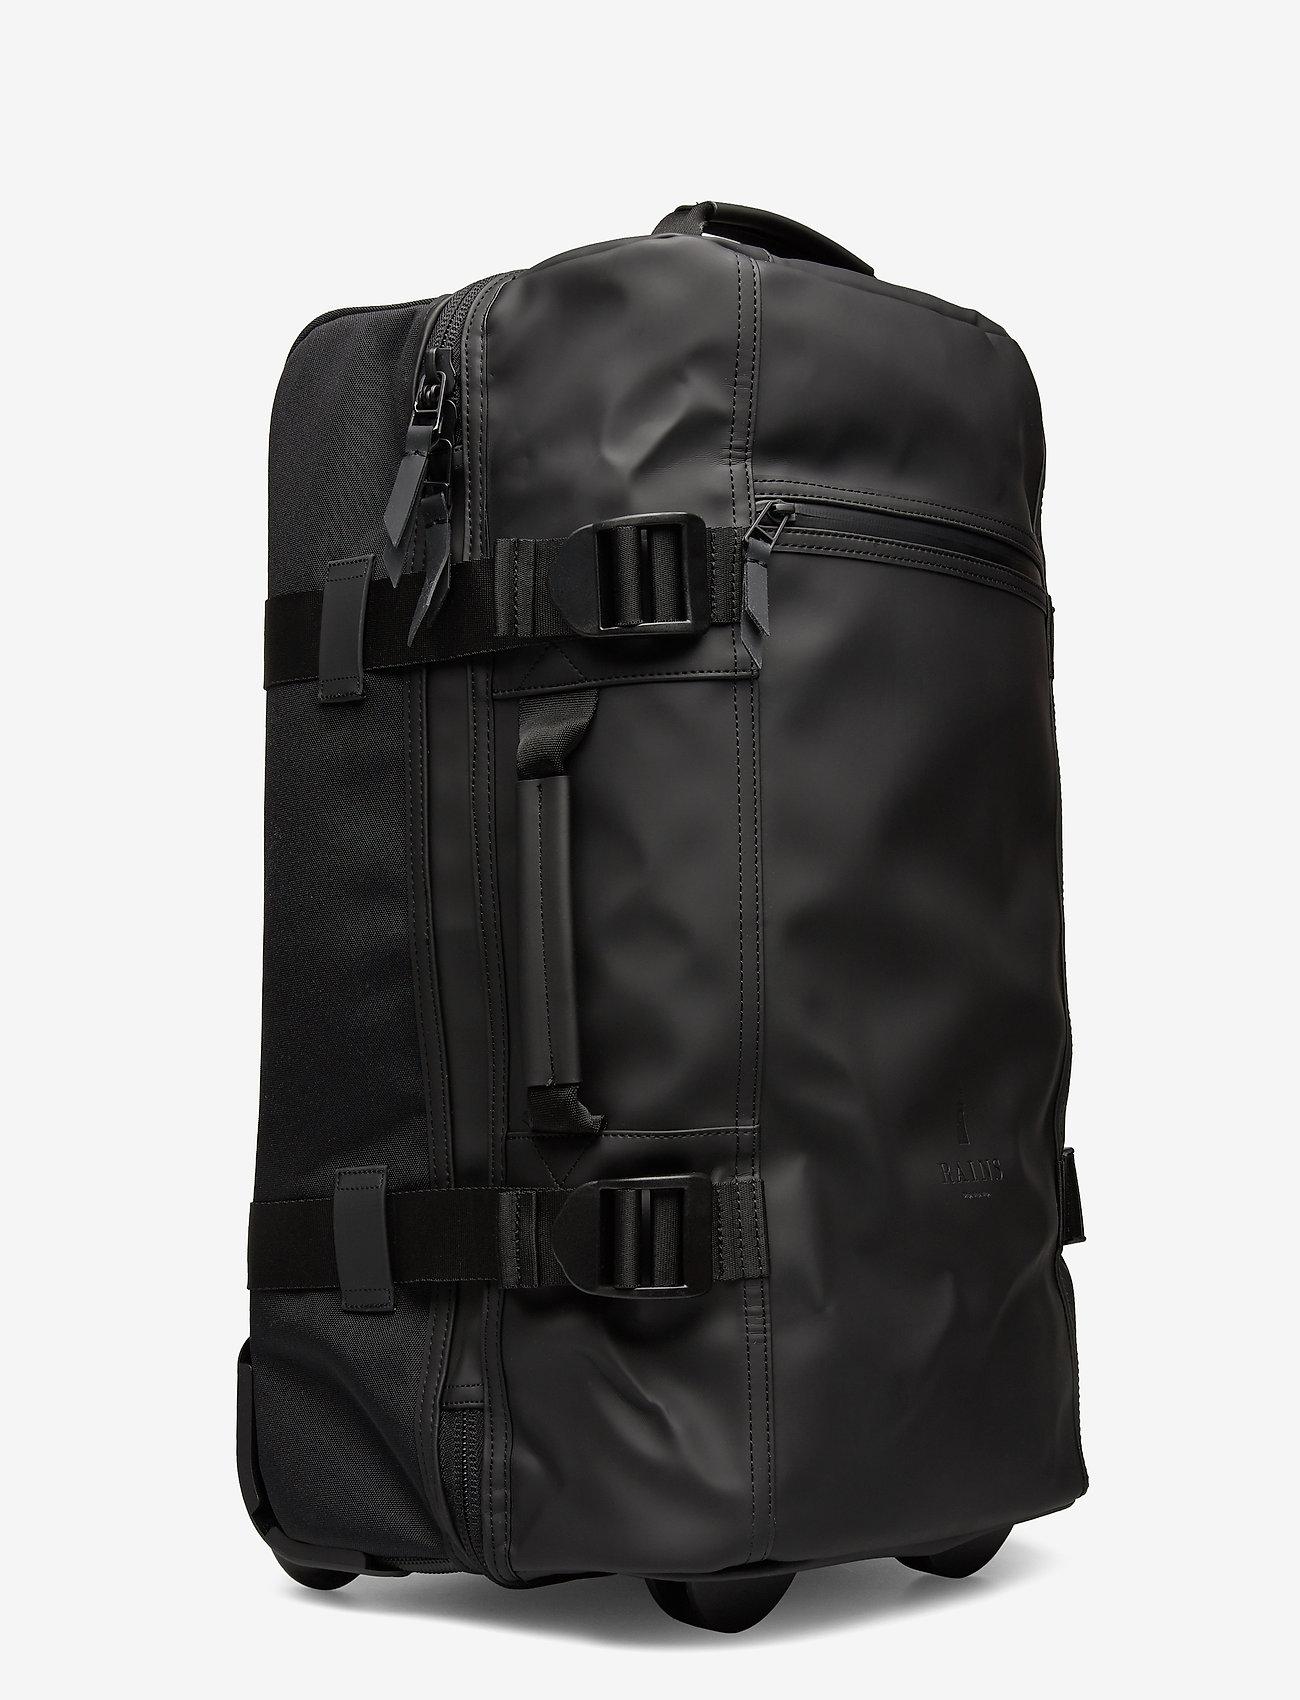 Travel Bag Small (01 Black) (175 €) - Rains NJYhu